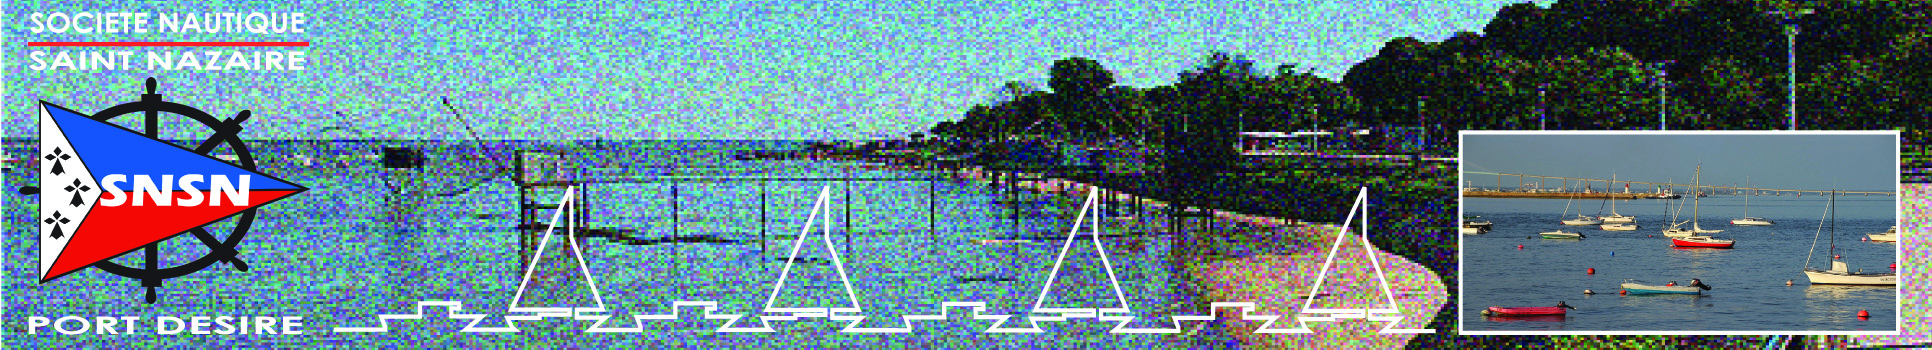 S.N.S.N Port-Désiré Saint-Nazaire